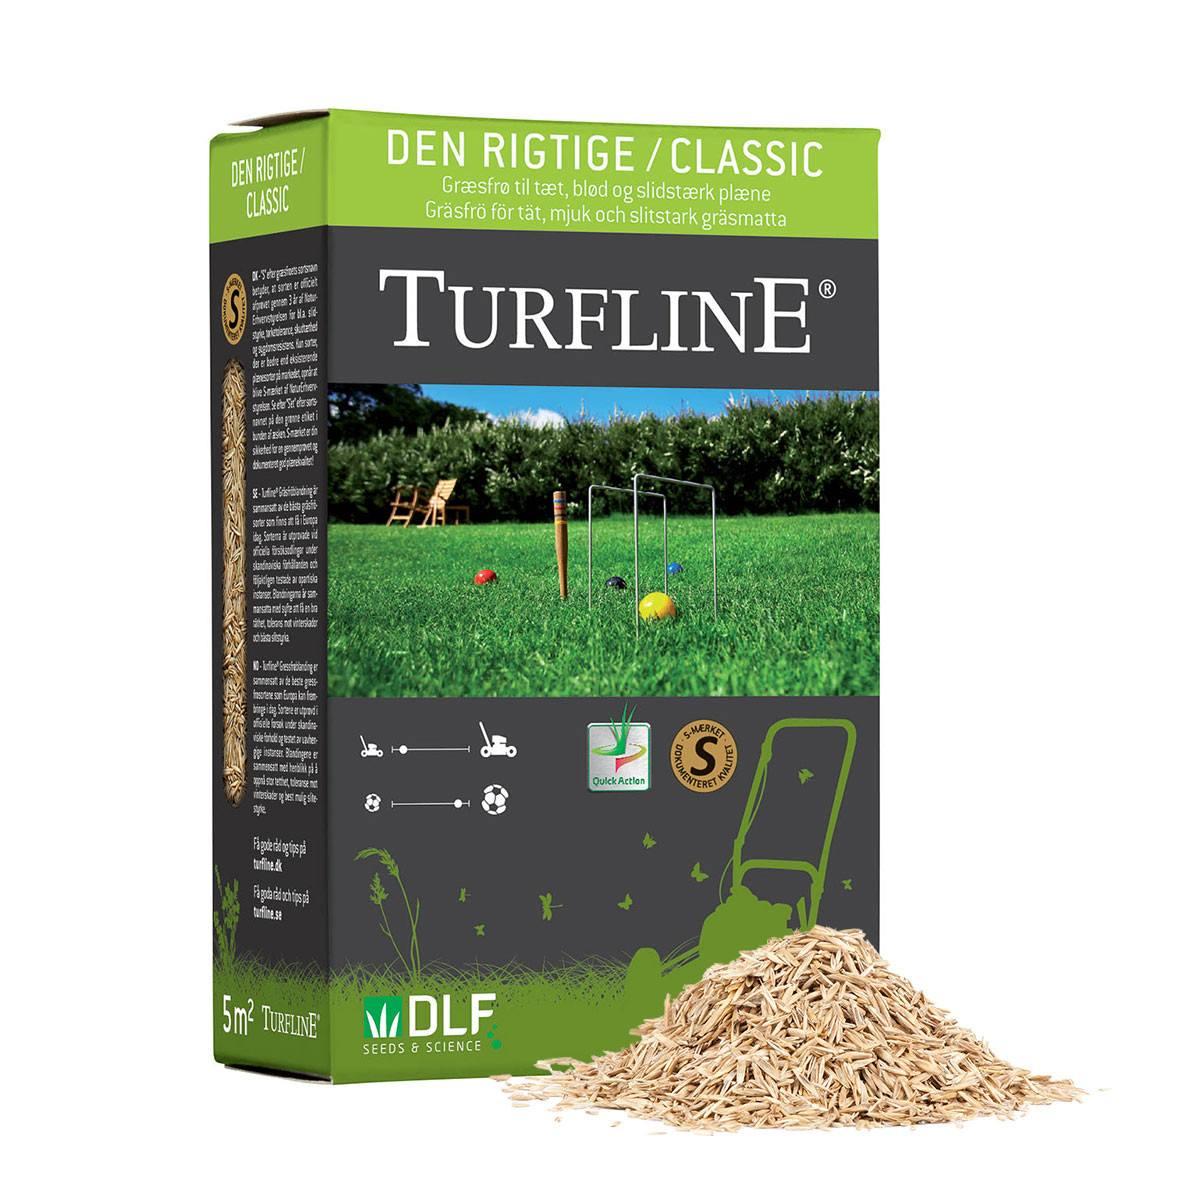 Turfline Classic - 'Den rigtige' Græsplæne - 0,1 kg.